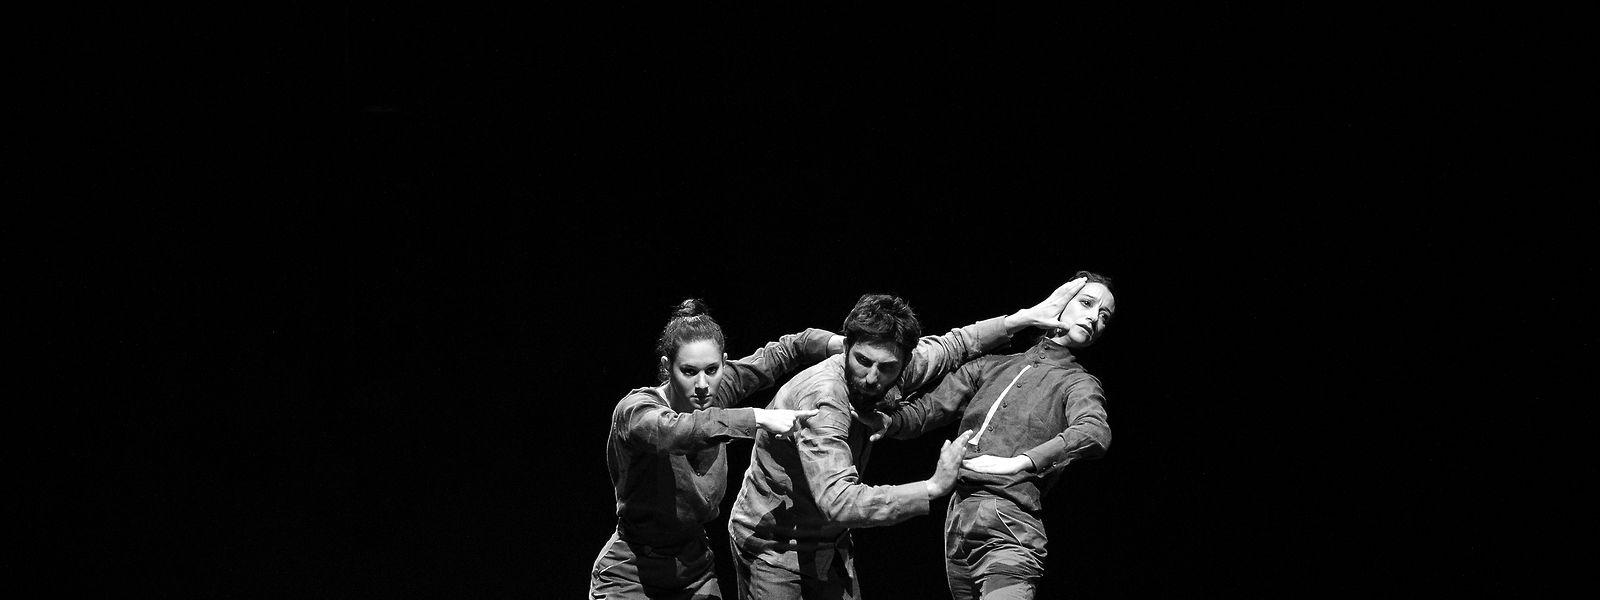 """Die Verbindung von Komplexität des Tanzes und Einfachheit der Körpersprache: Momentaufnahme aus dem Stück """"Rule of Thirds"""" von Sao Castro und Antonio Cabrita"""